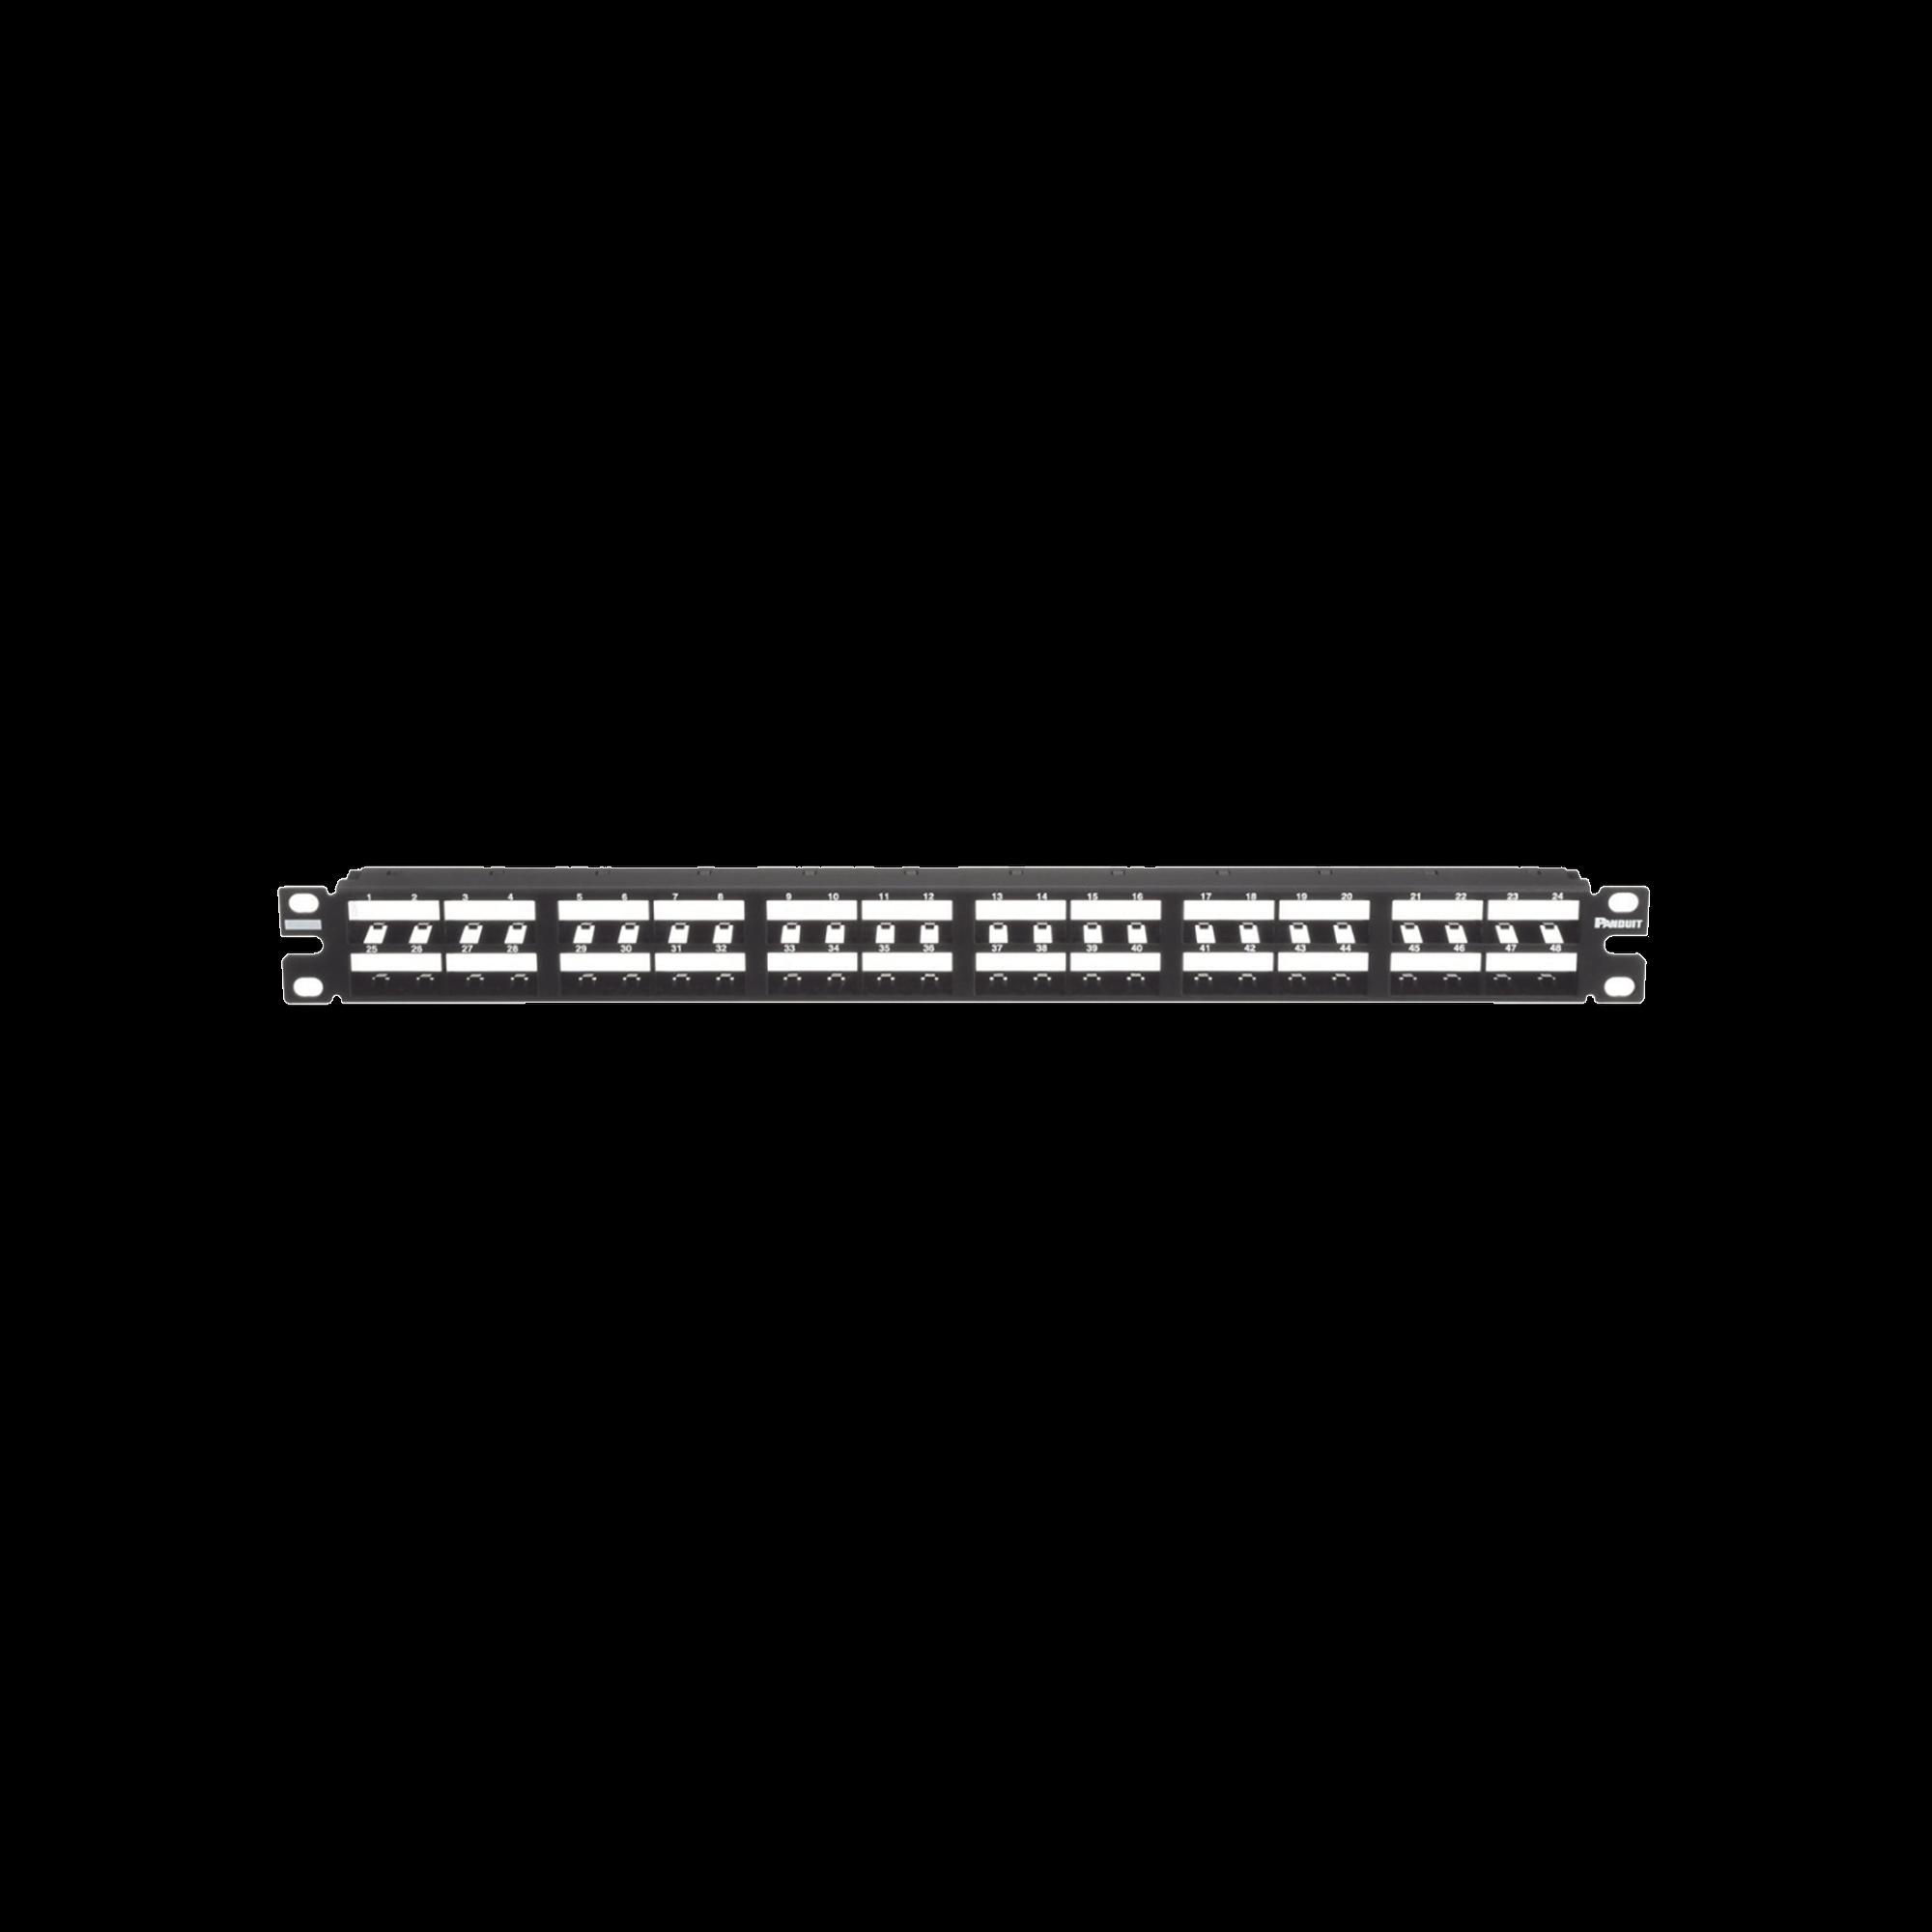 Panel de Parcheo Modular Mini-Com (Sin Conectores), Plano, Sin Blindaje, Alta Densidad, de 48 puertos, 1UR